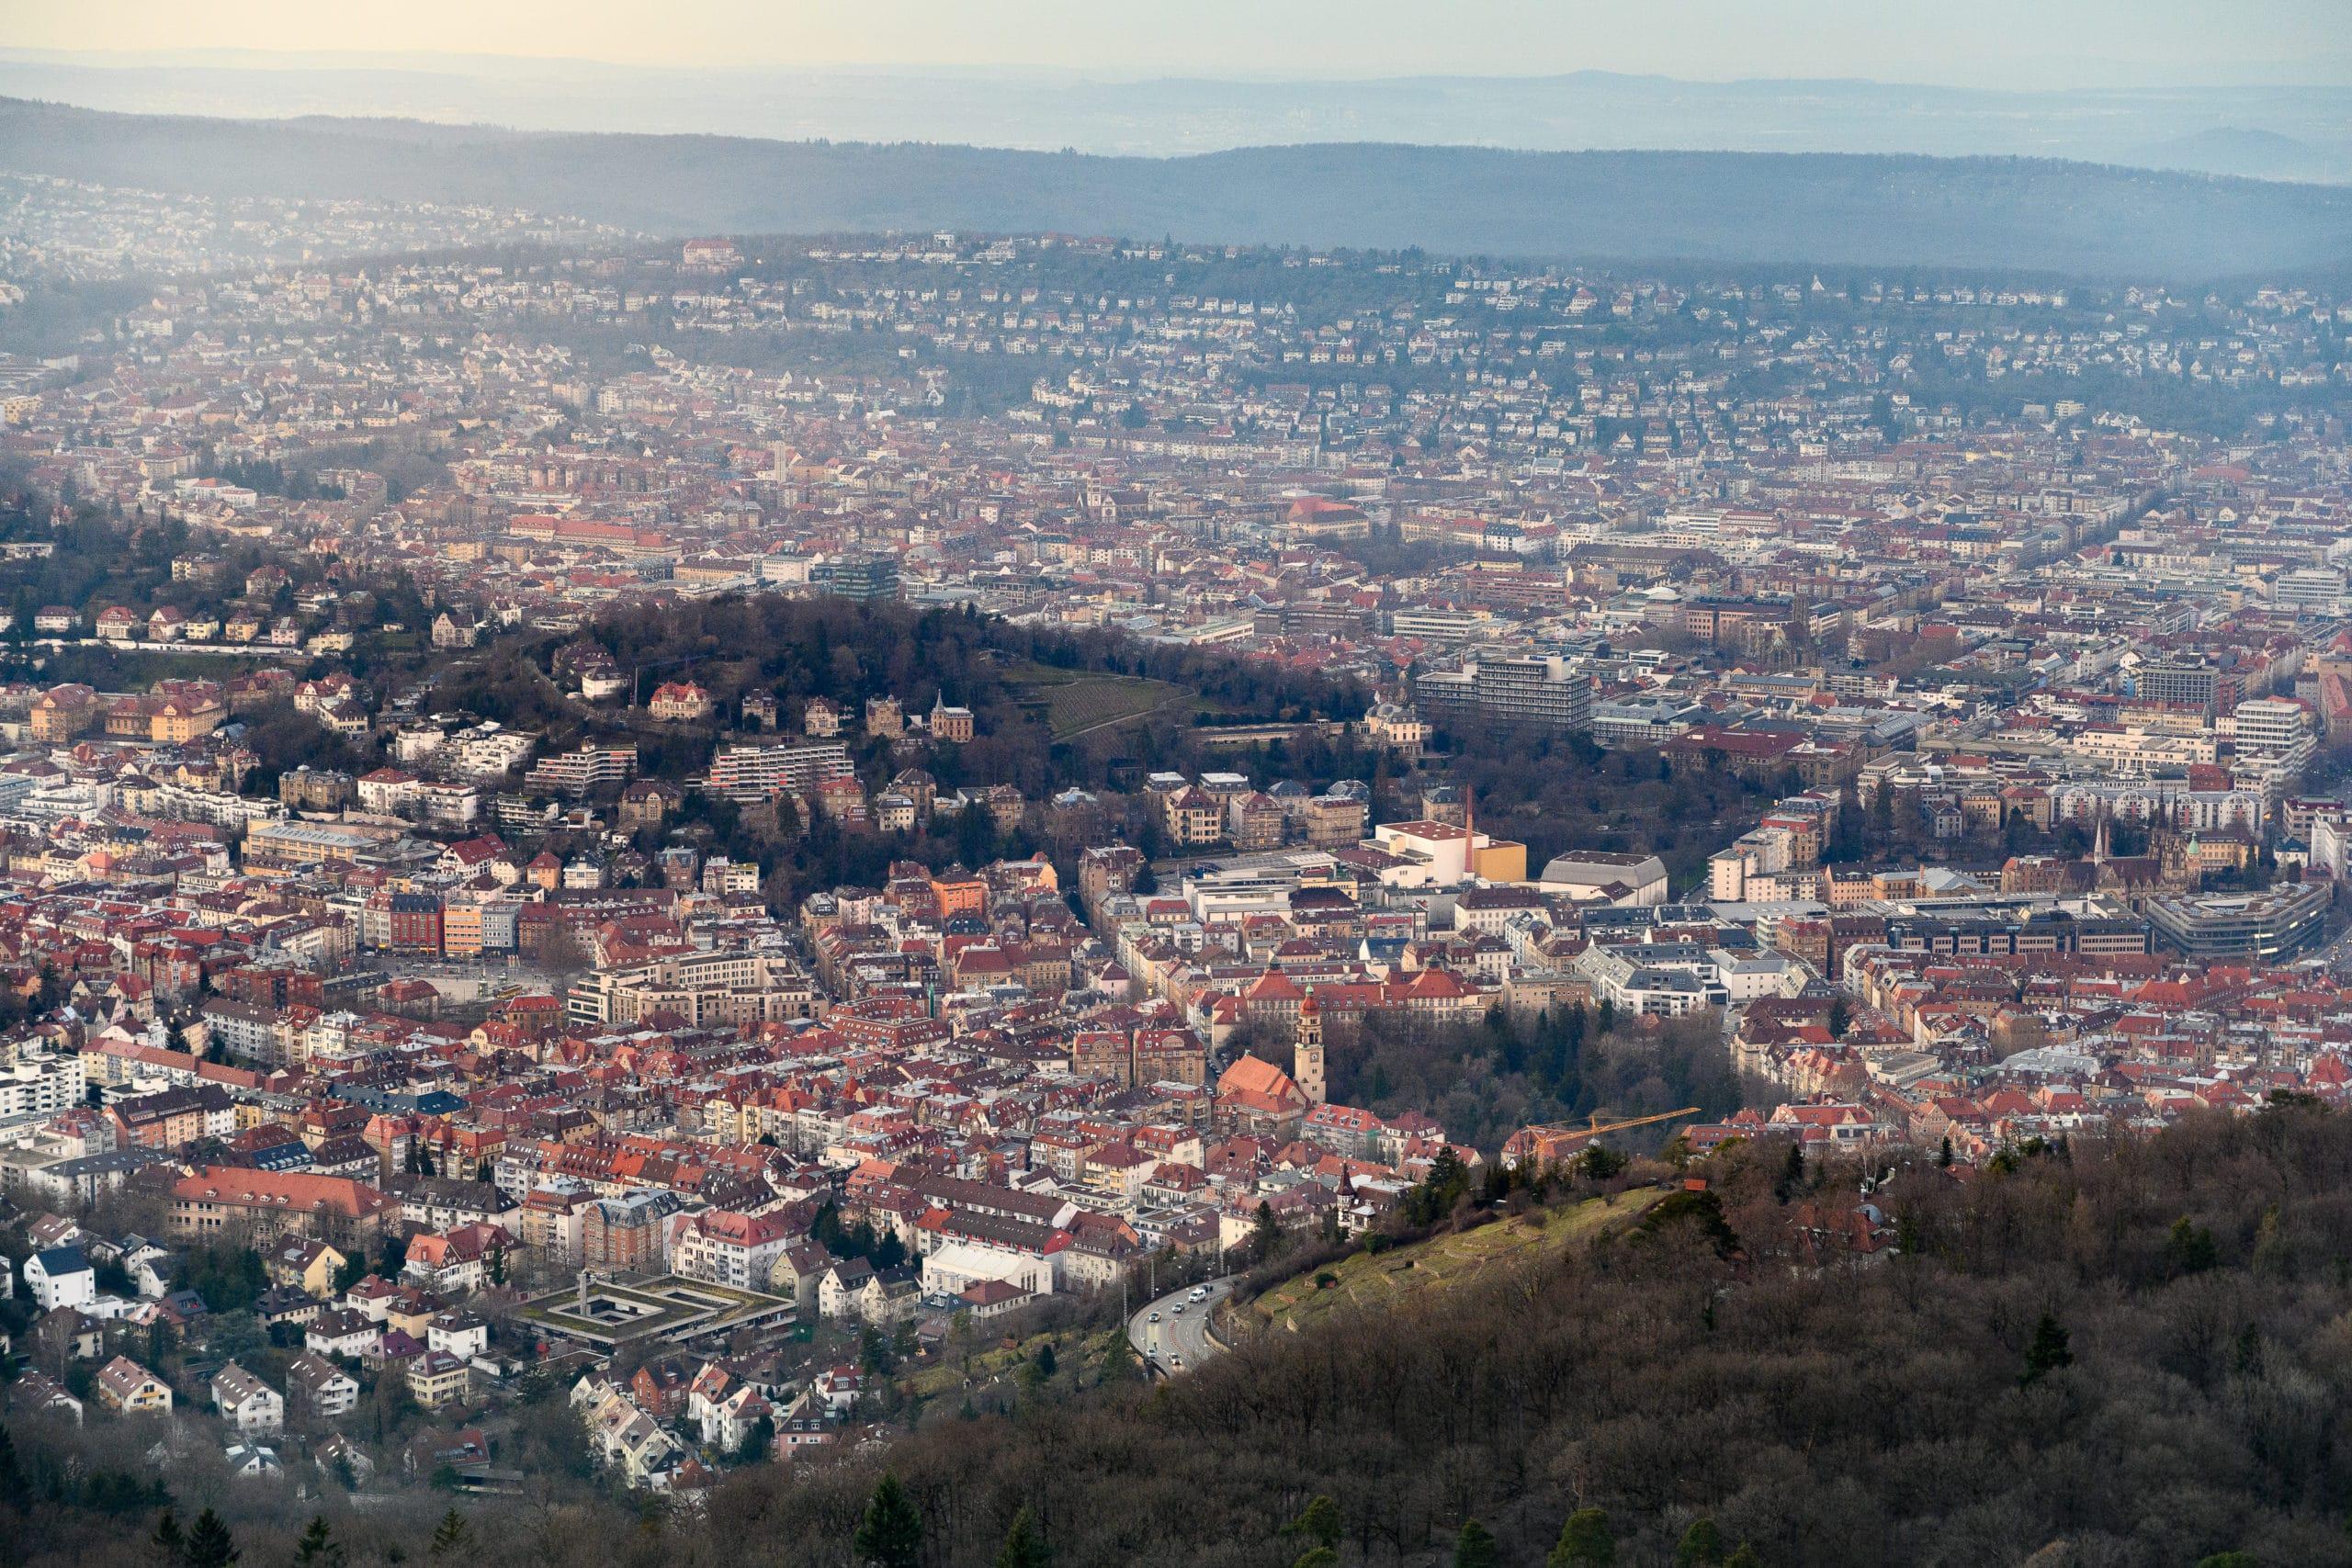 Luftaufnahme der Stadt Stuttgart im Abendlicht im Detail  Werbefotograf in der Region Osnabrück Münster Bielefeld für Luftaufnahmen